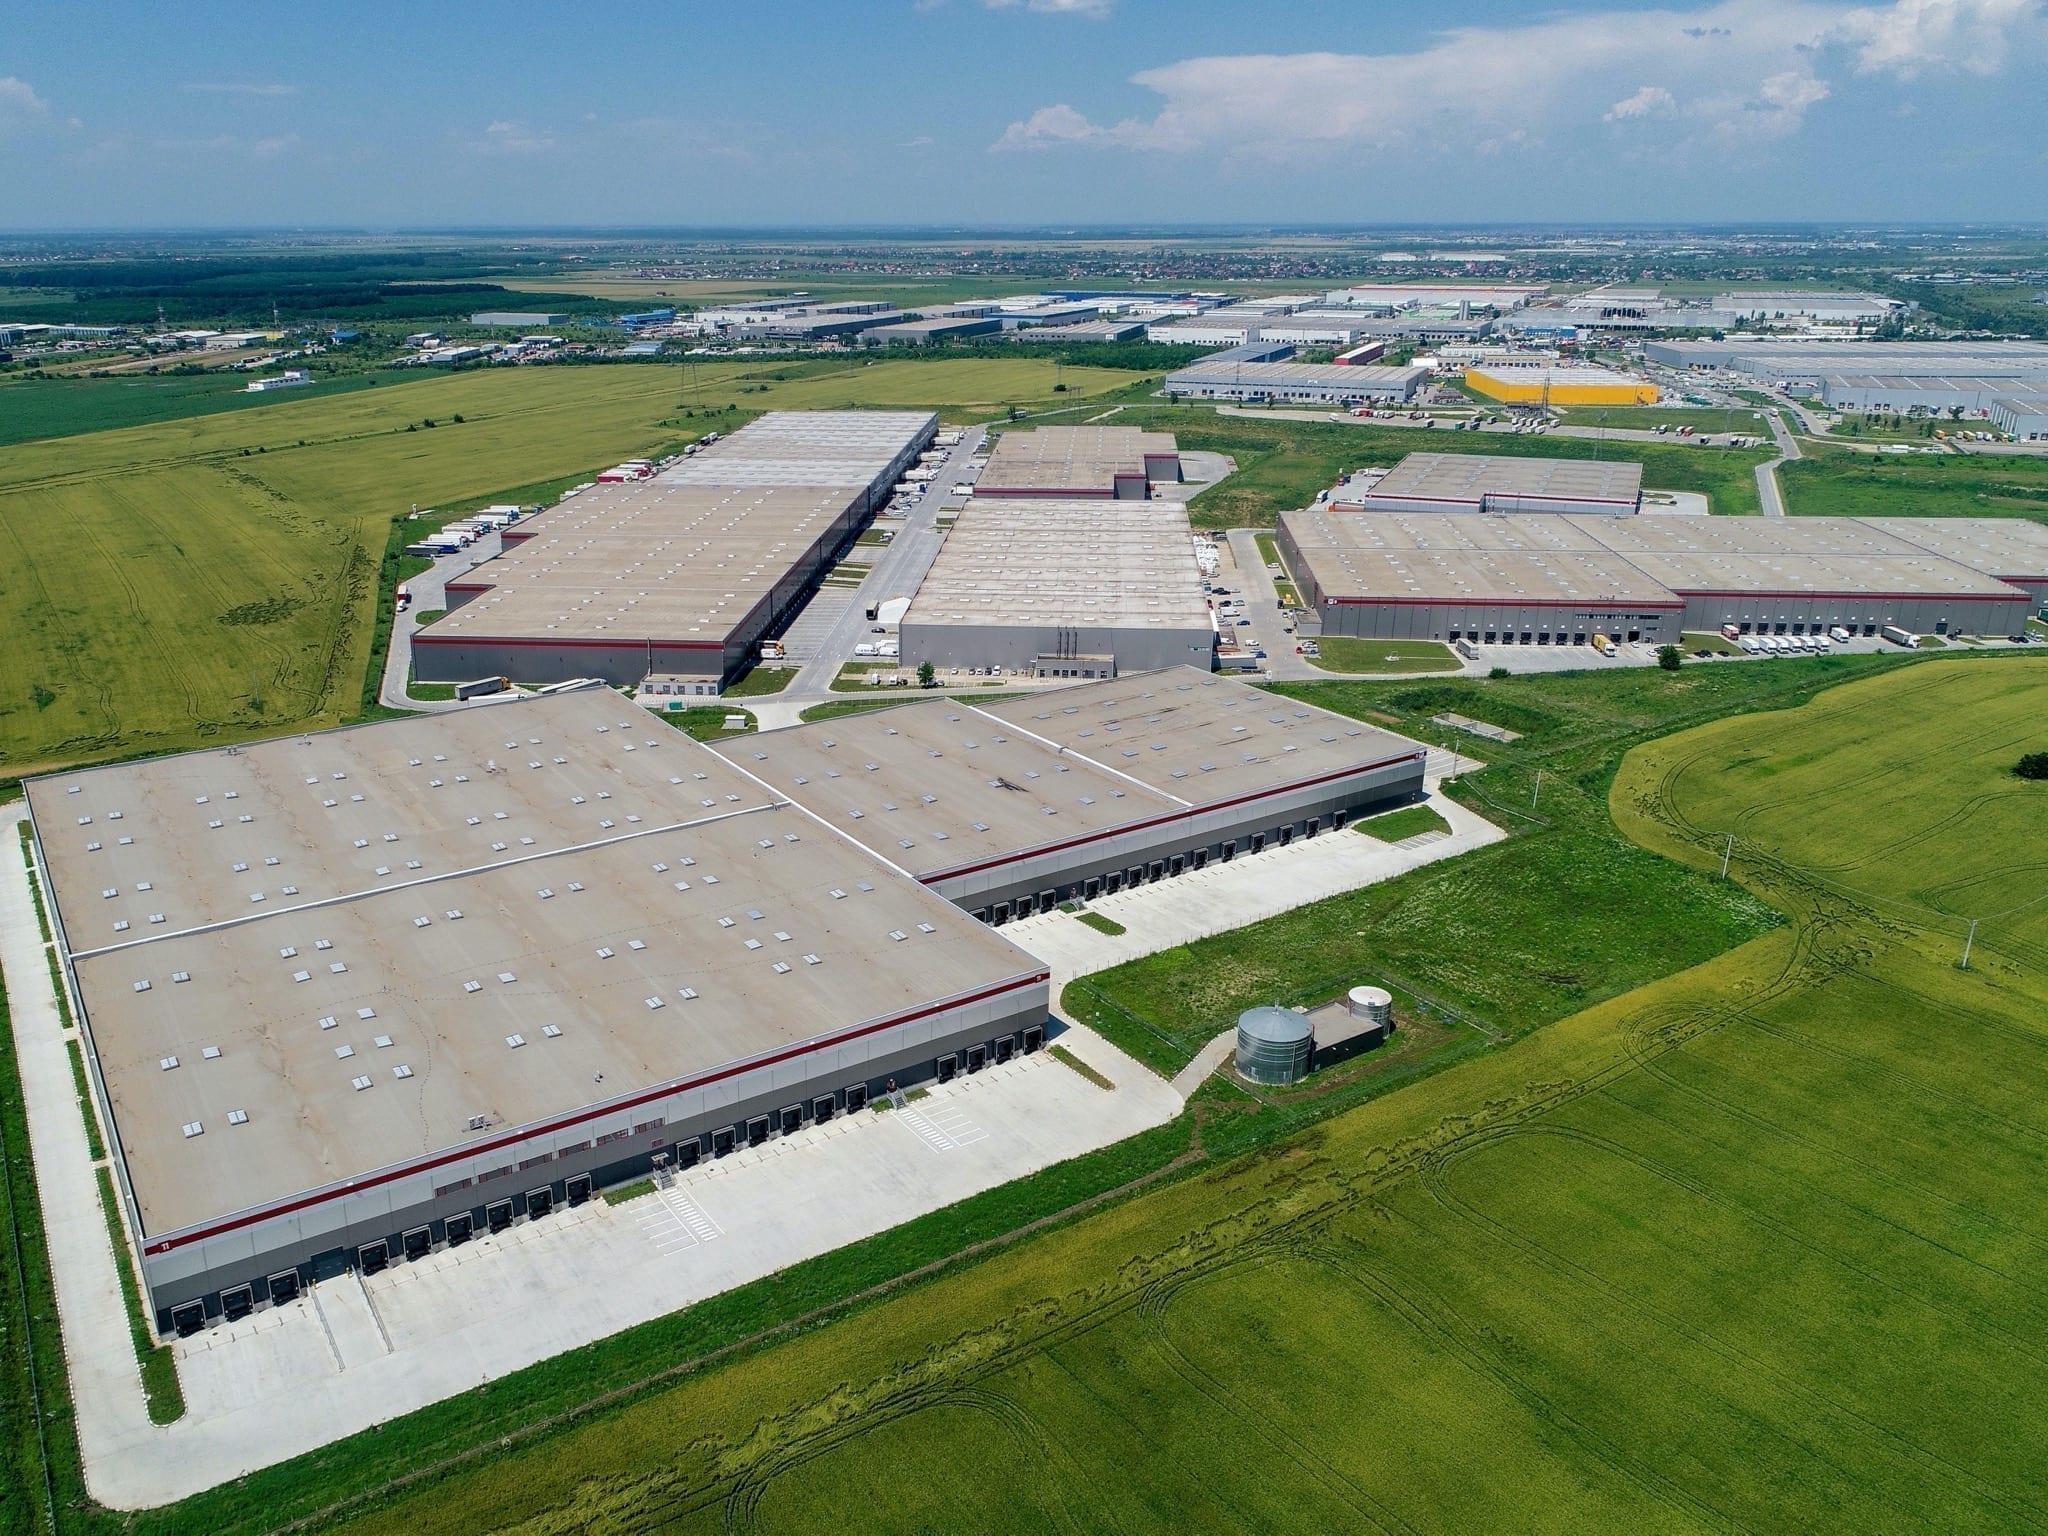 P3 B 11 Hala 11 copy - Piața de spații industriale se îndreaptă spre un an record